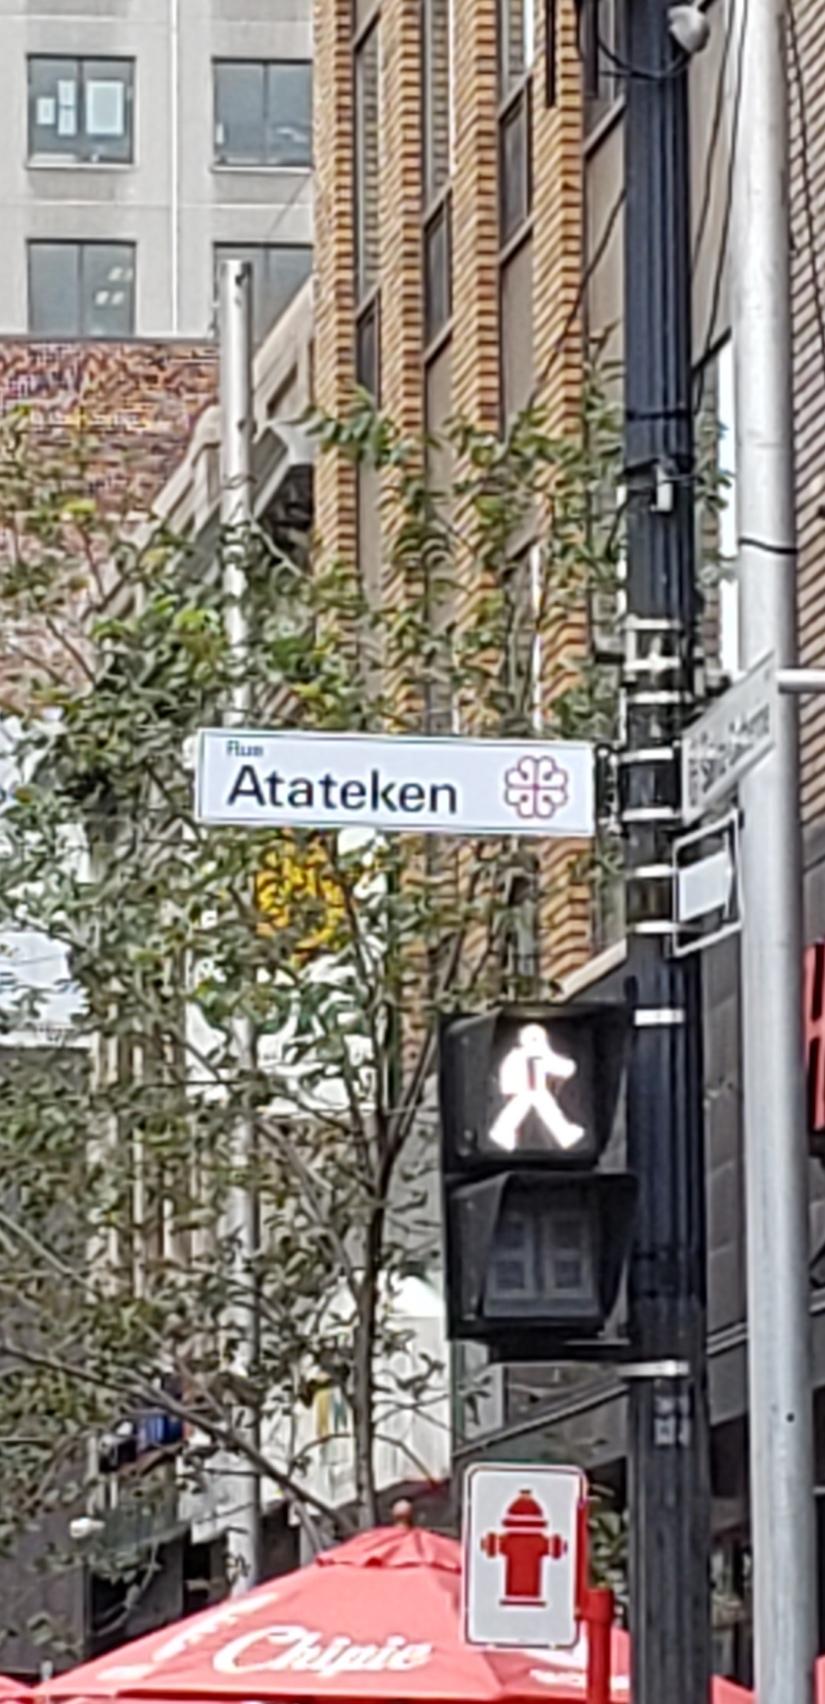 Atateken